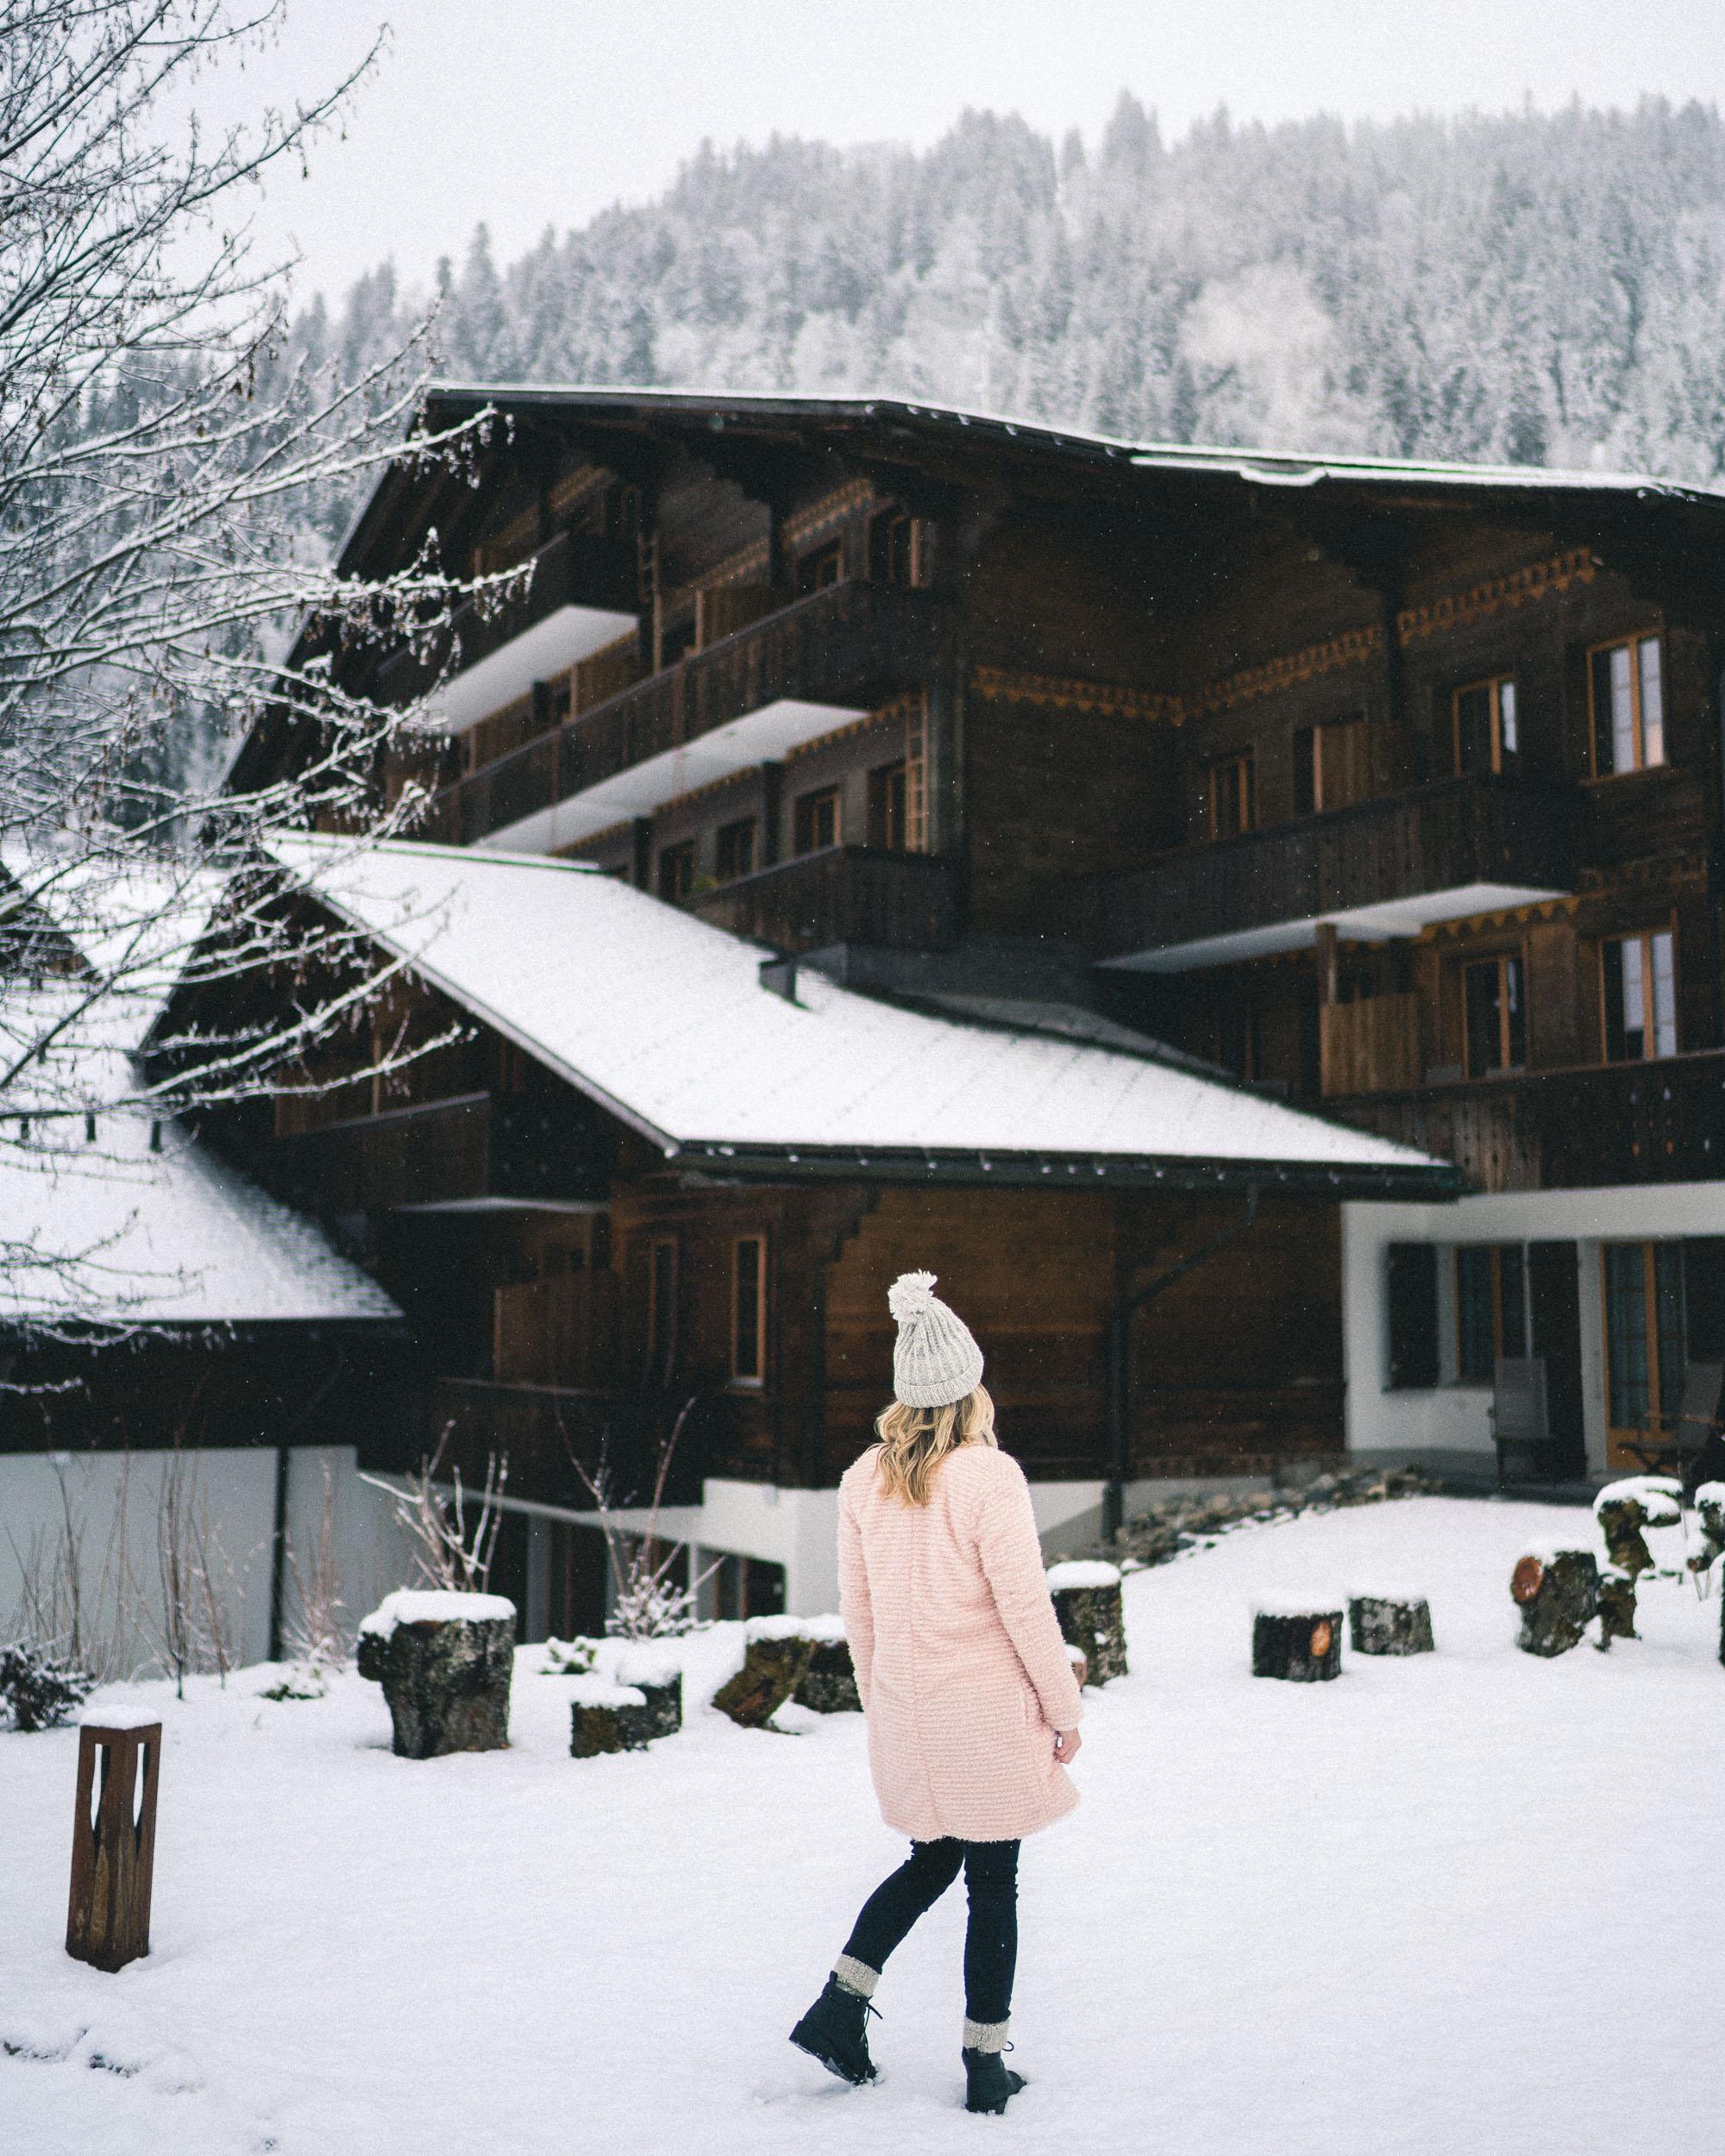 Huus Gstaad Switzerland in the Snow